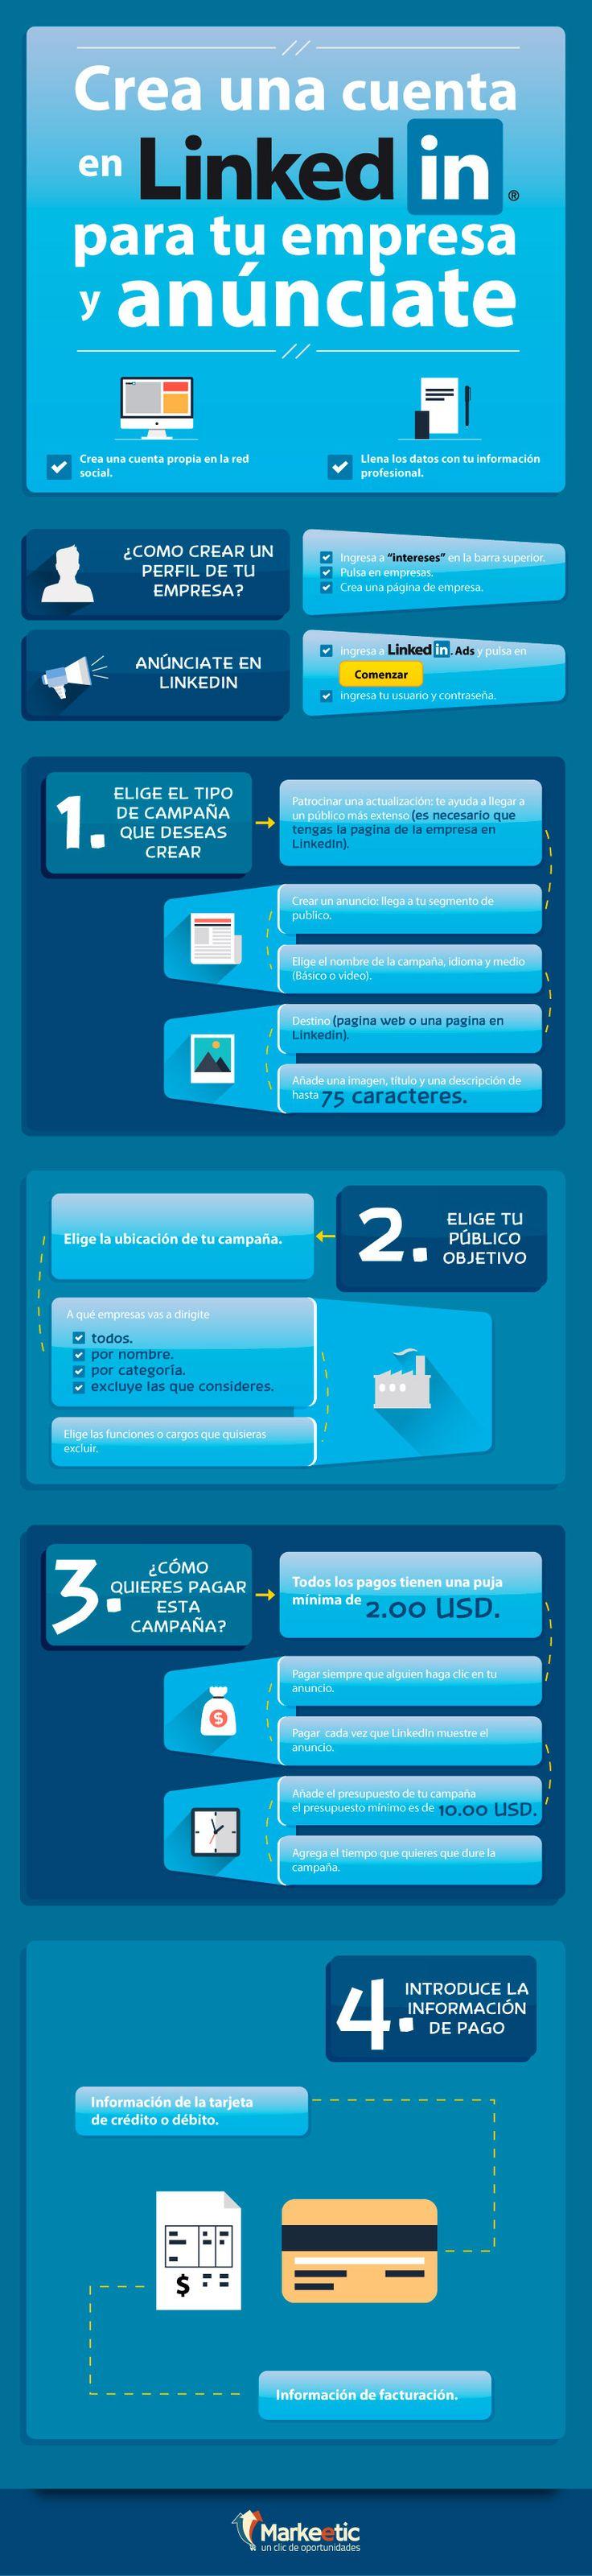 Hola: Una infografía que dice crea una cuenta Linkedin de empresa y anúnciate. Un saludo